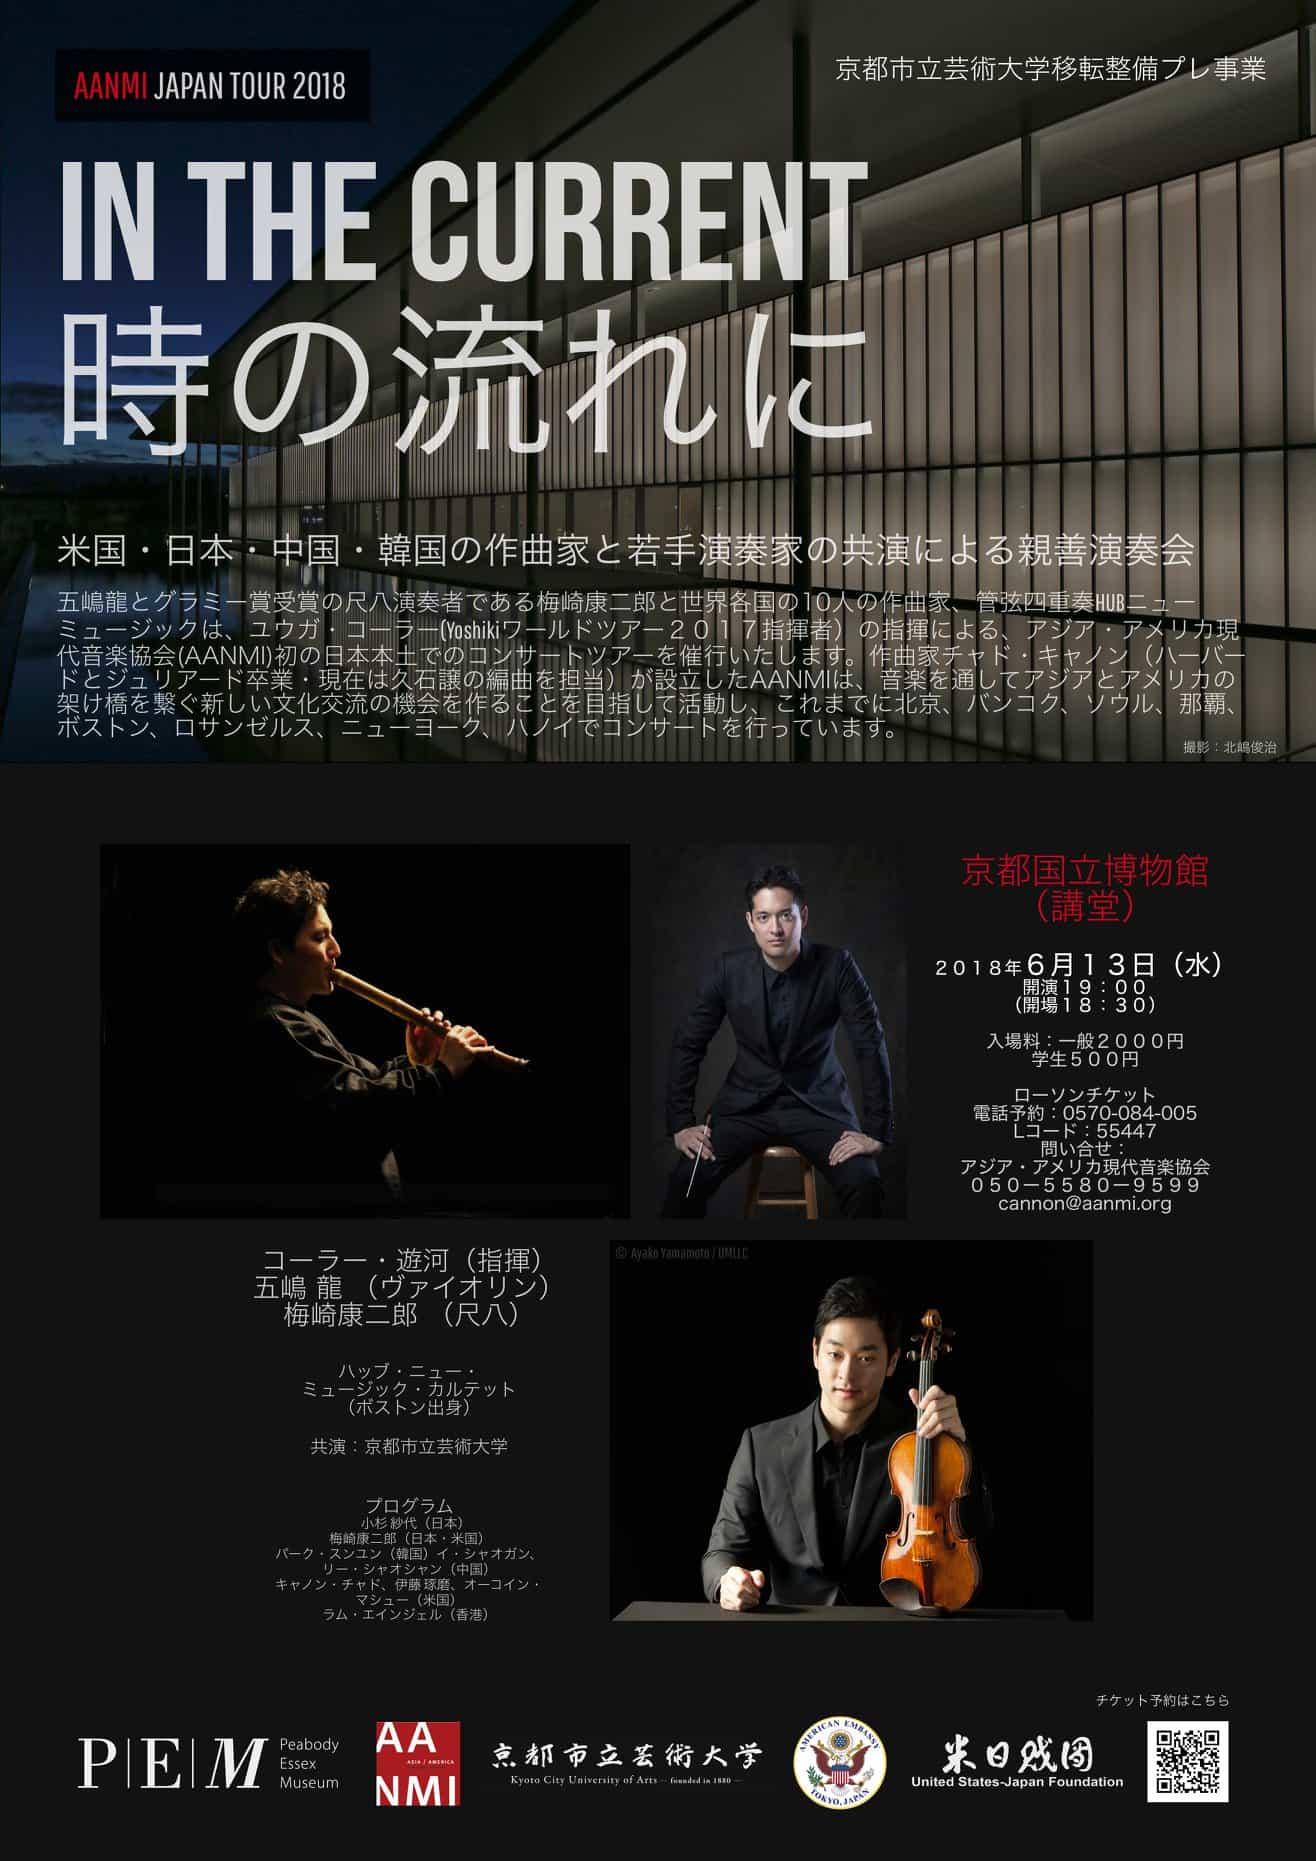 AANMI Japan Tour Poster